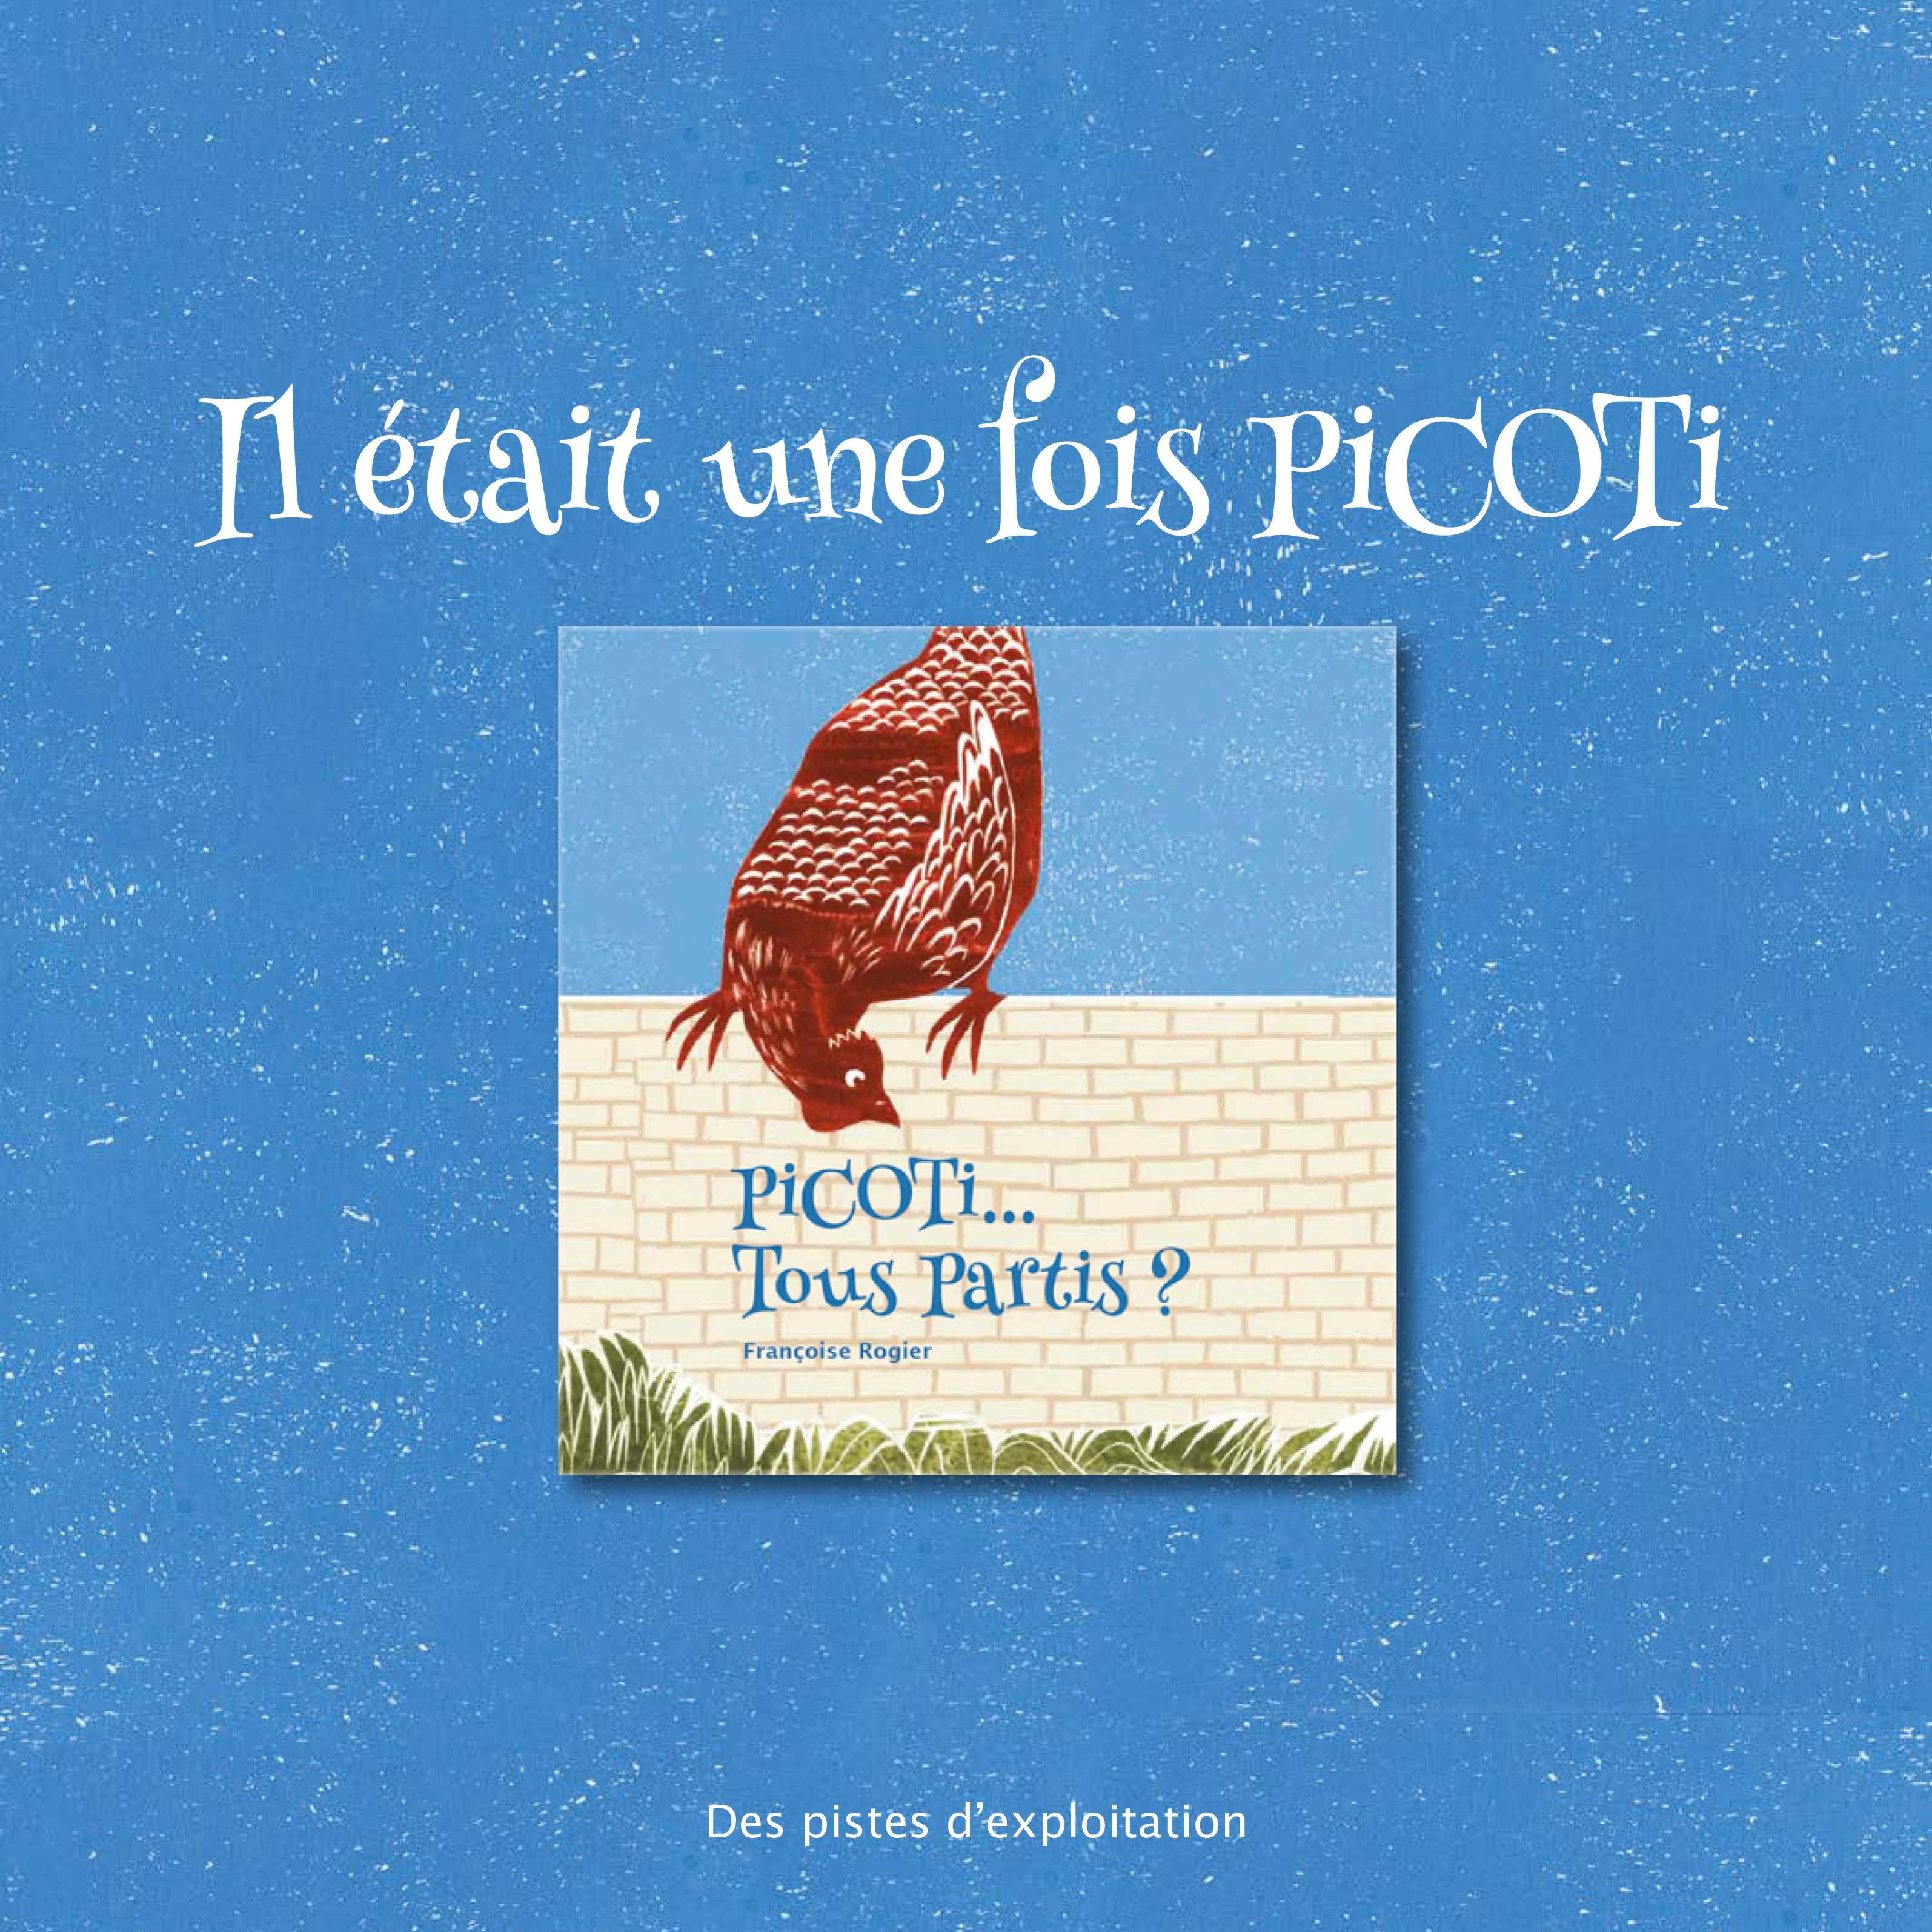 Dossier pédagogique : Picoti... tous partis ?